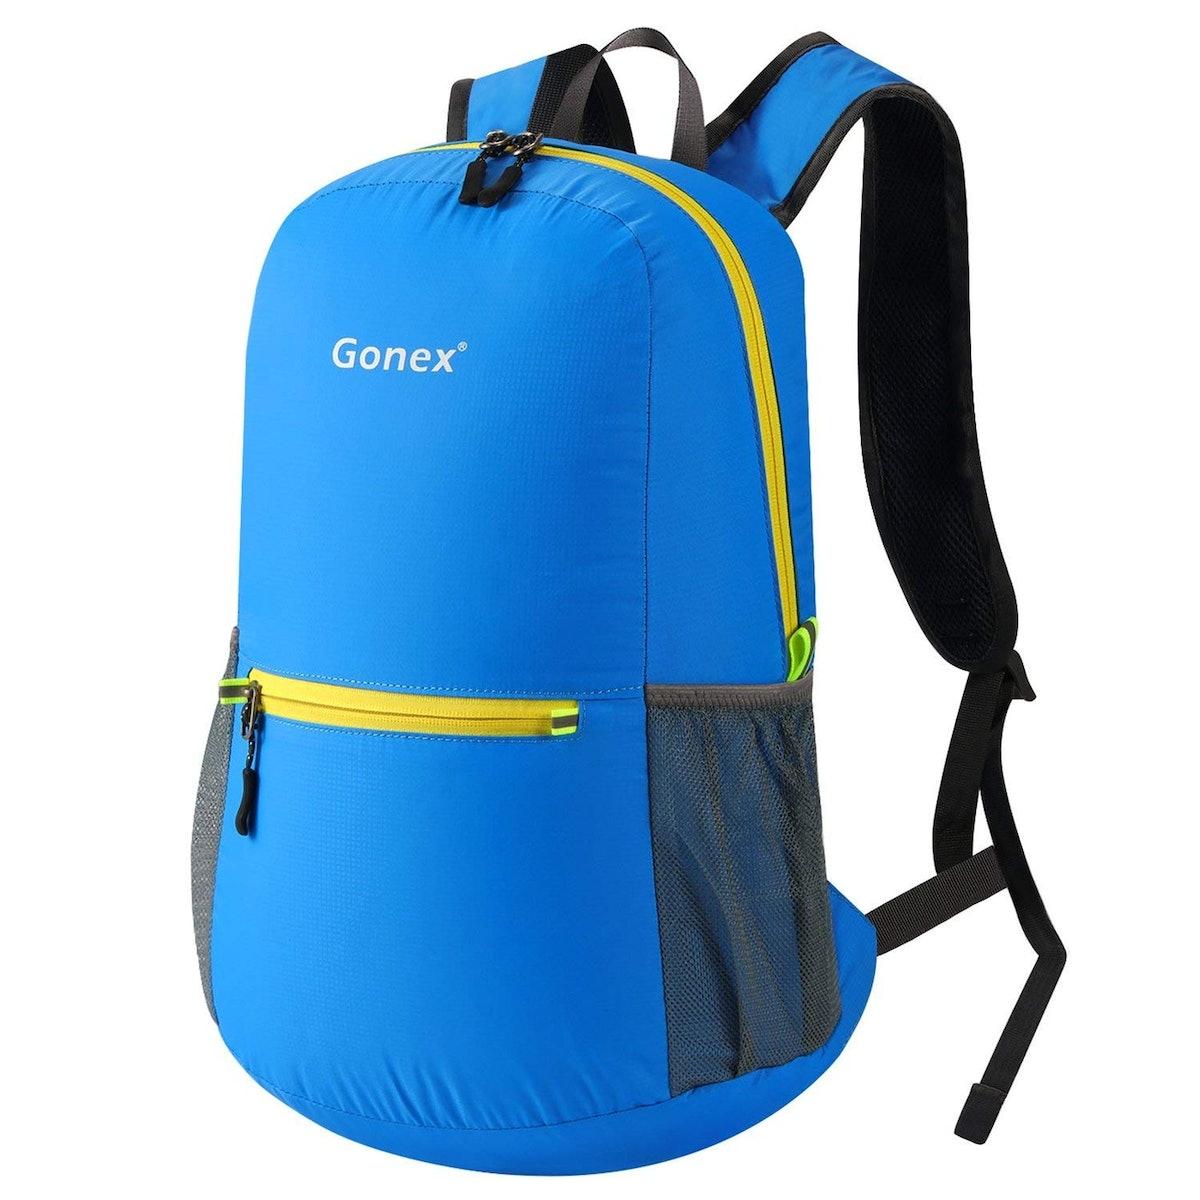 Gonex Ultra-Light Travel Backpack